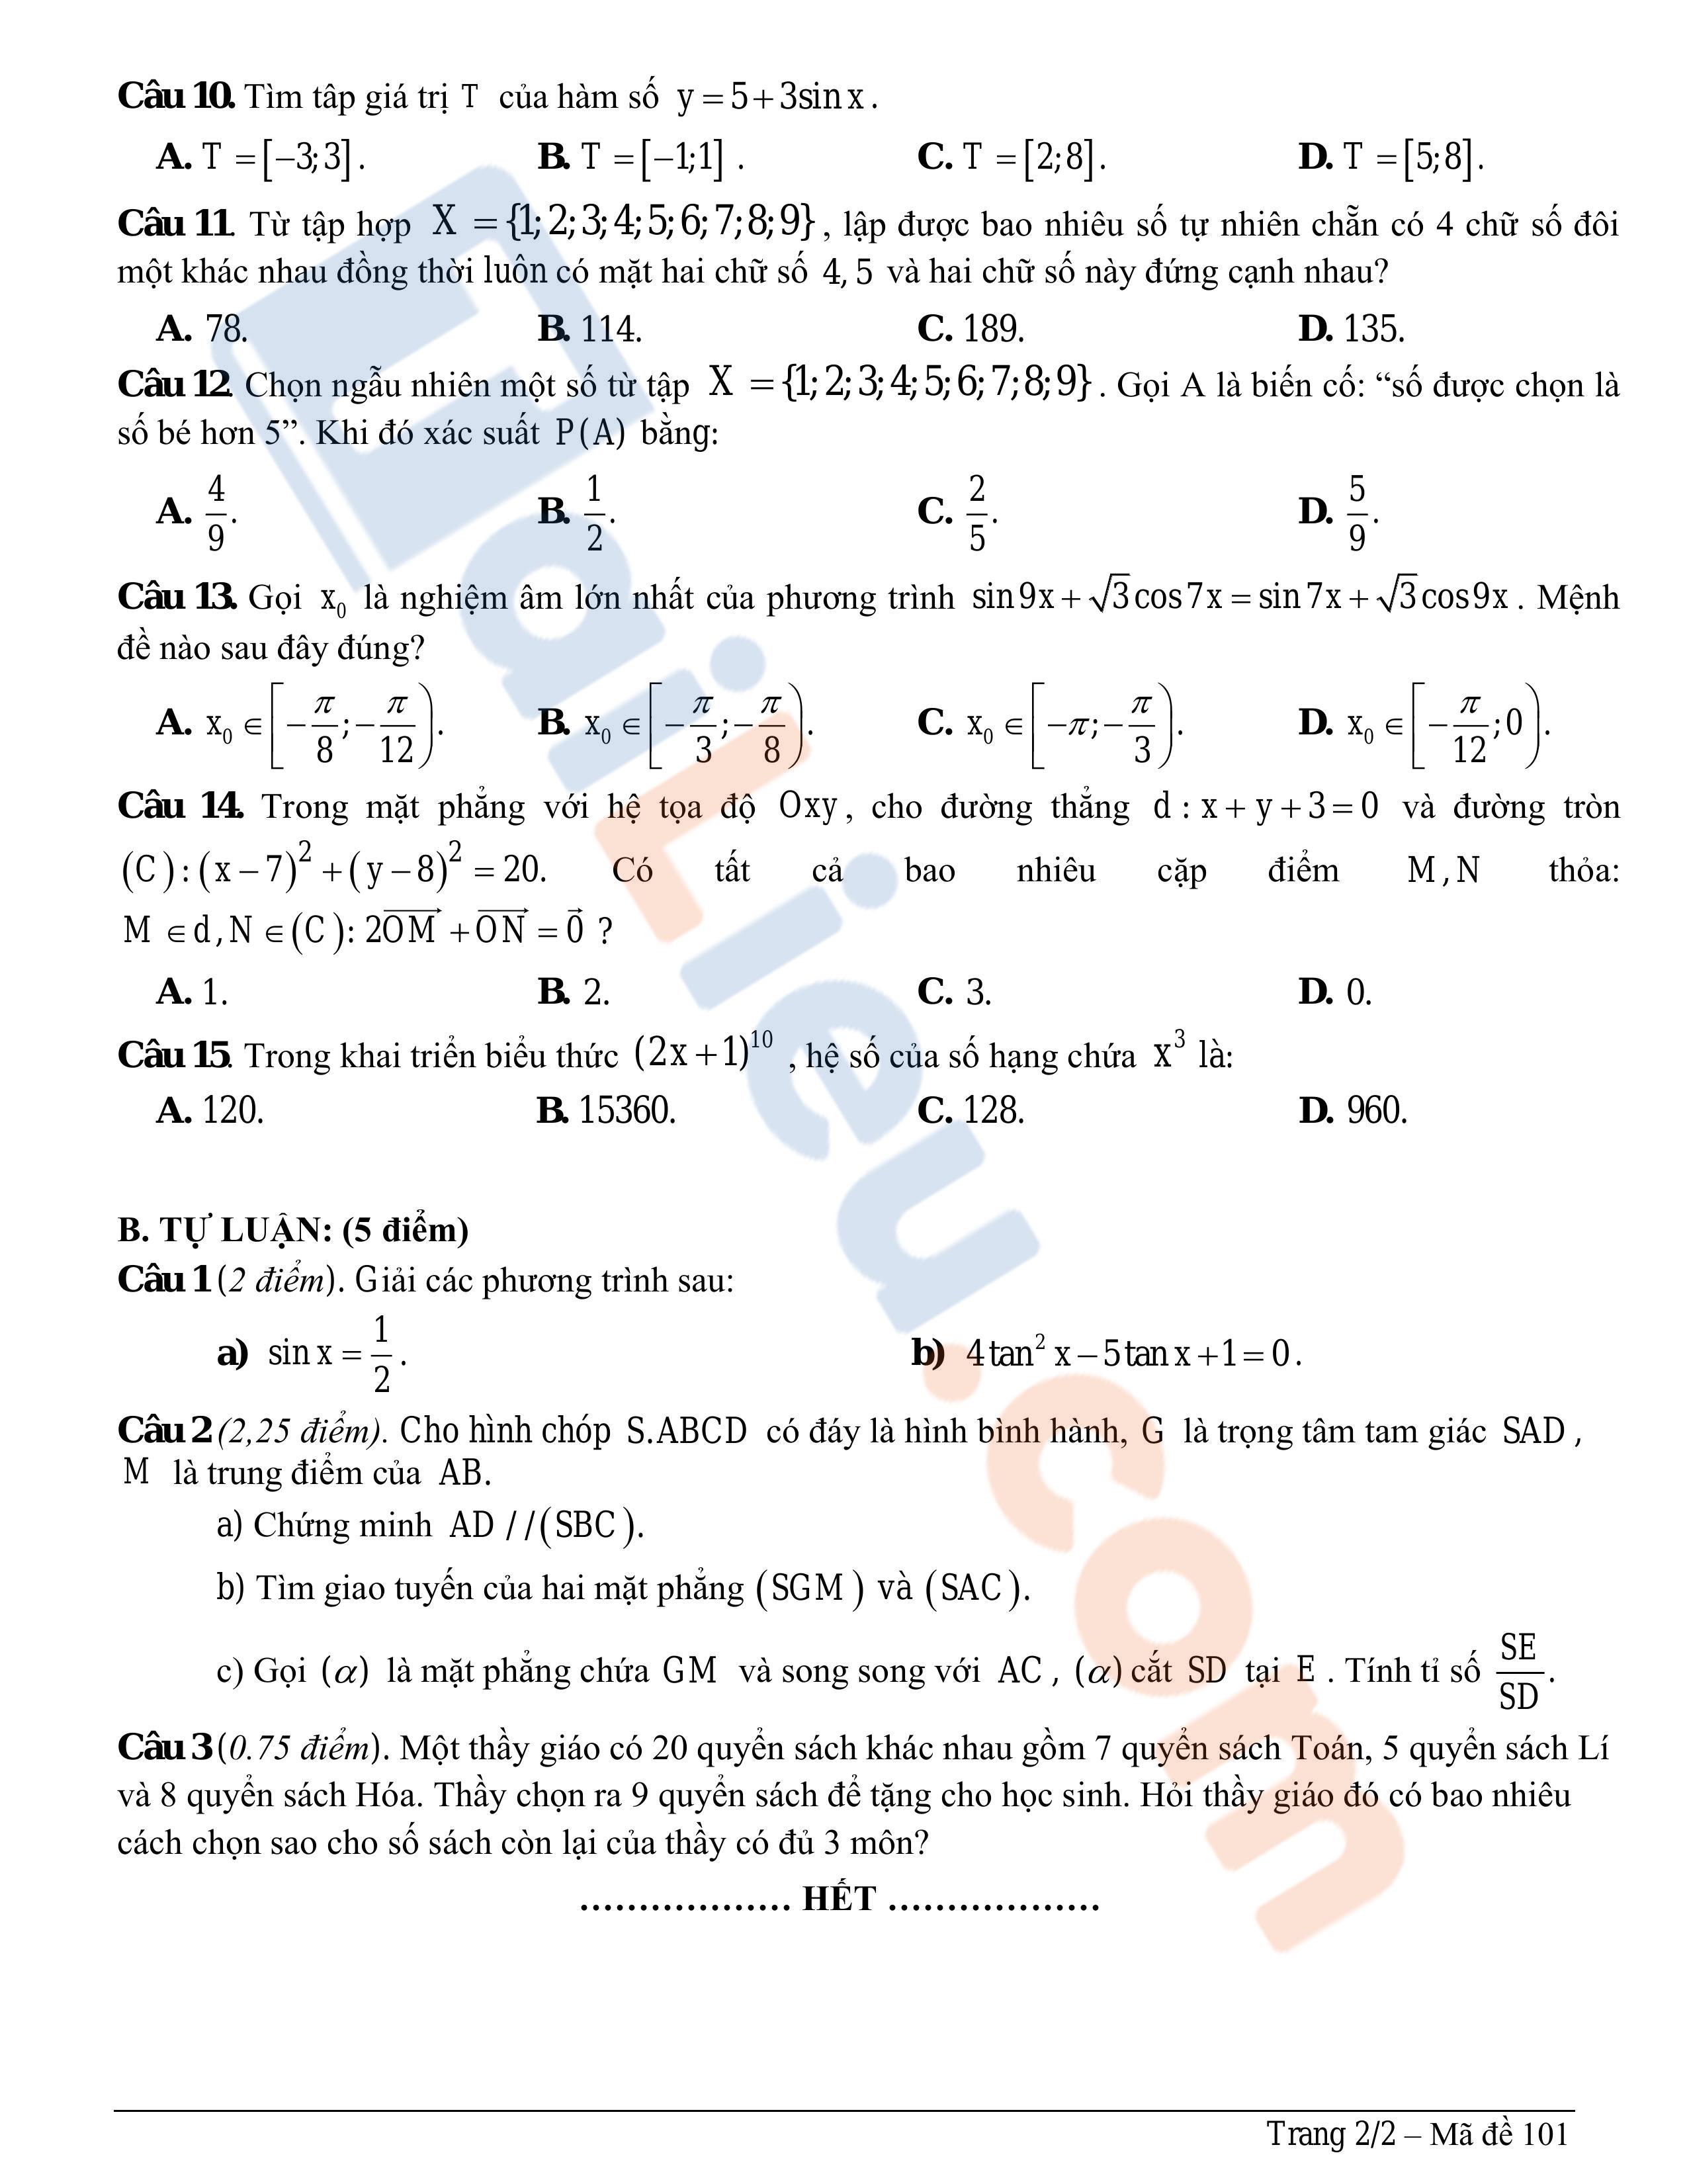 Đề thi giữa học kì 1 môn Toán Quảng Nam 2019